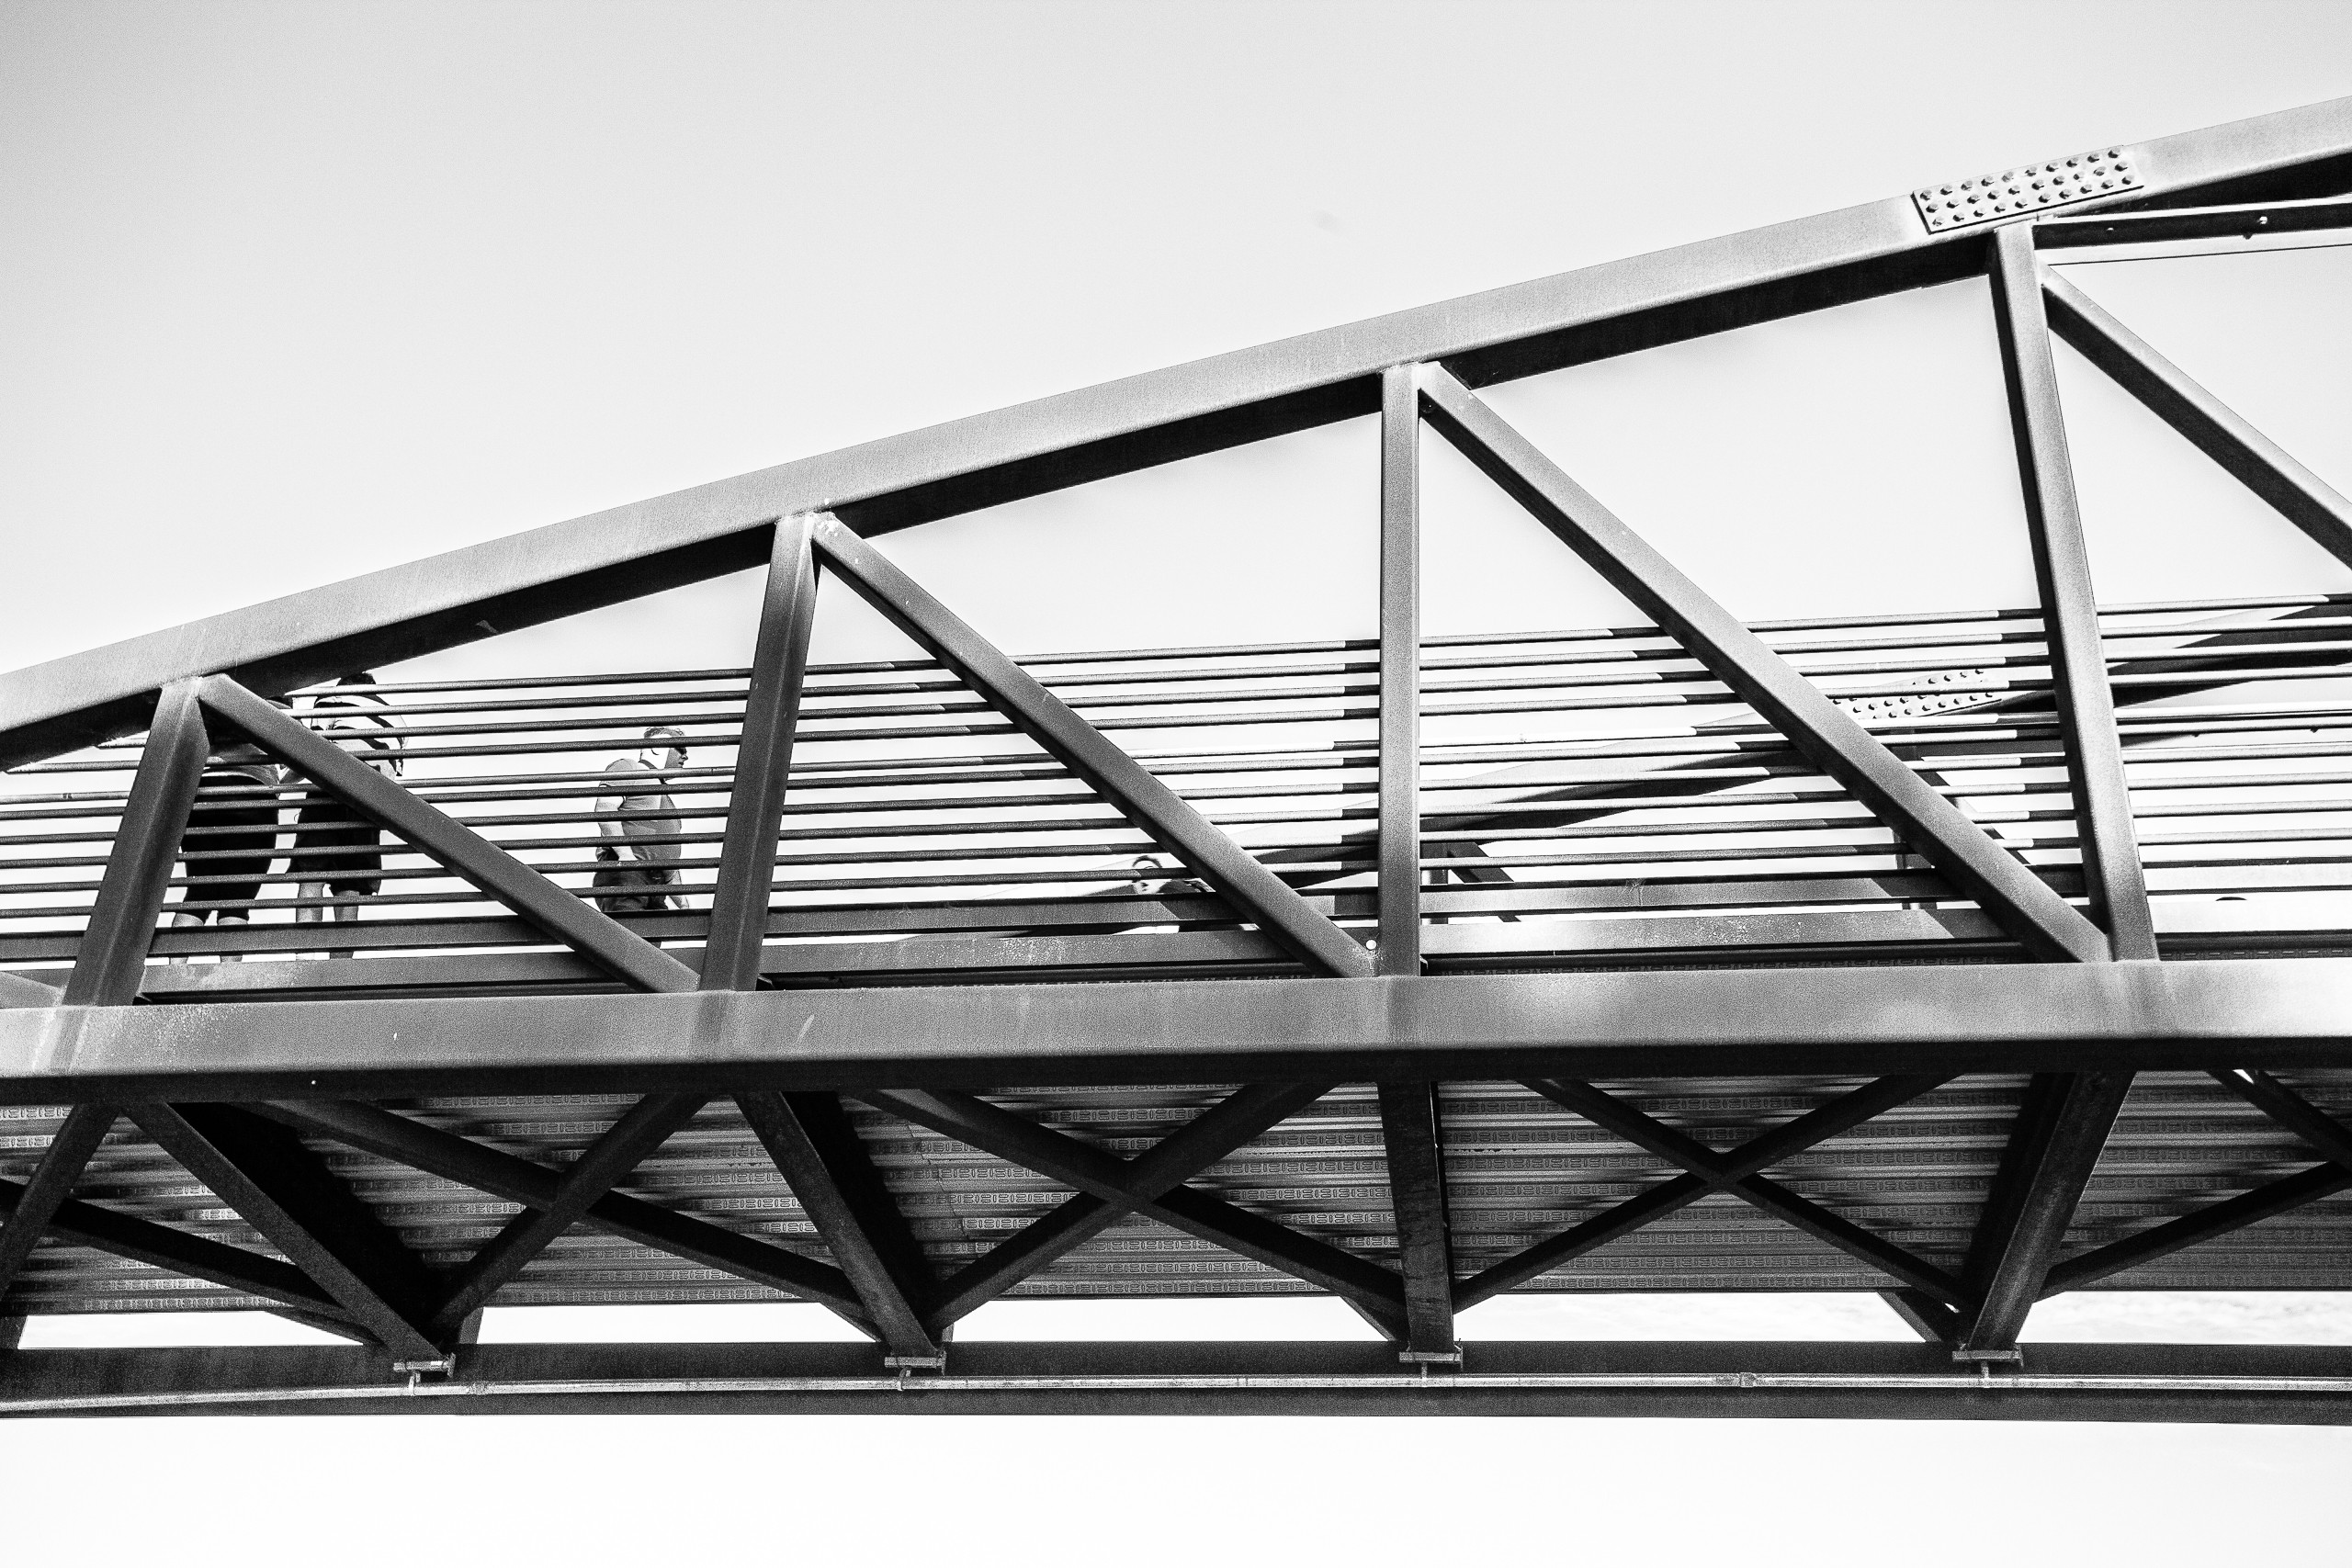 A River's View Bridge